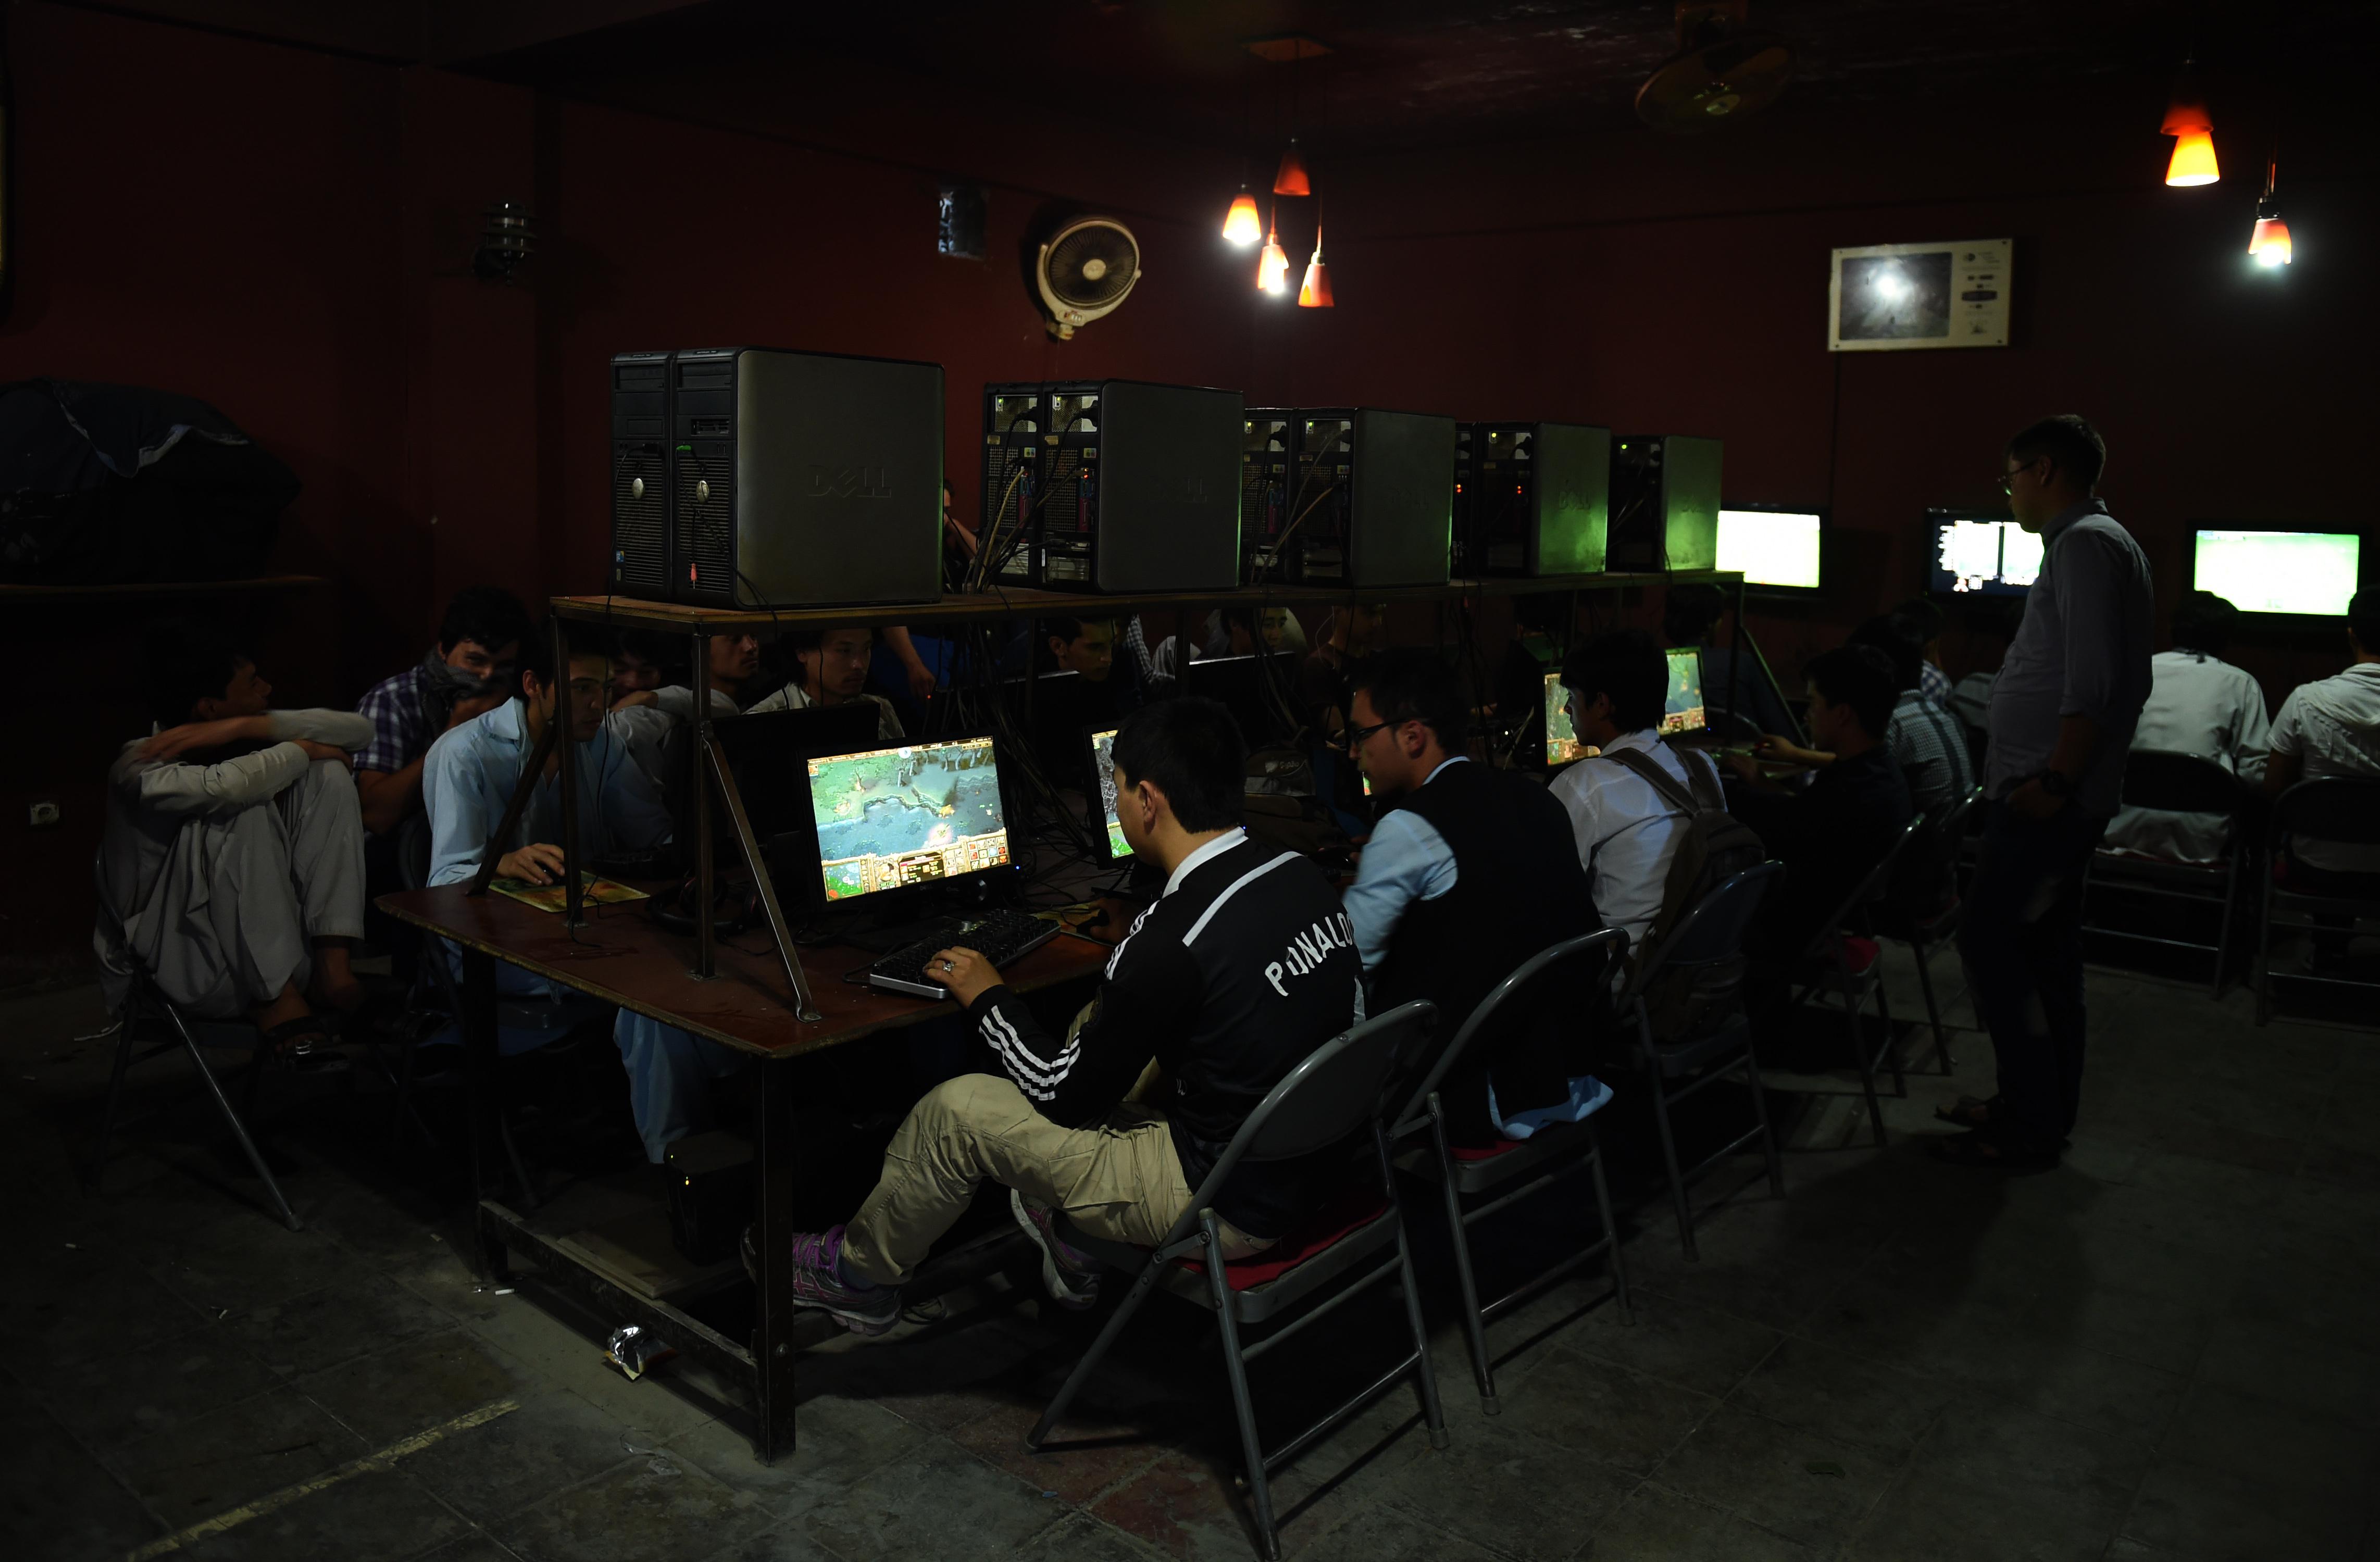 افغان ها به دنبال یافتن راه های مبارزه با جنگجویان ماهر در اینترنت استند